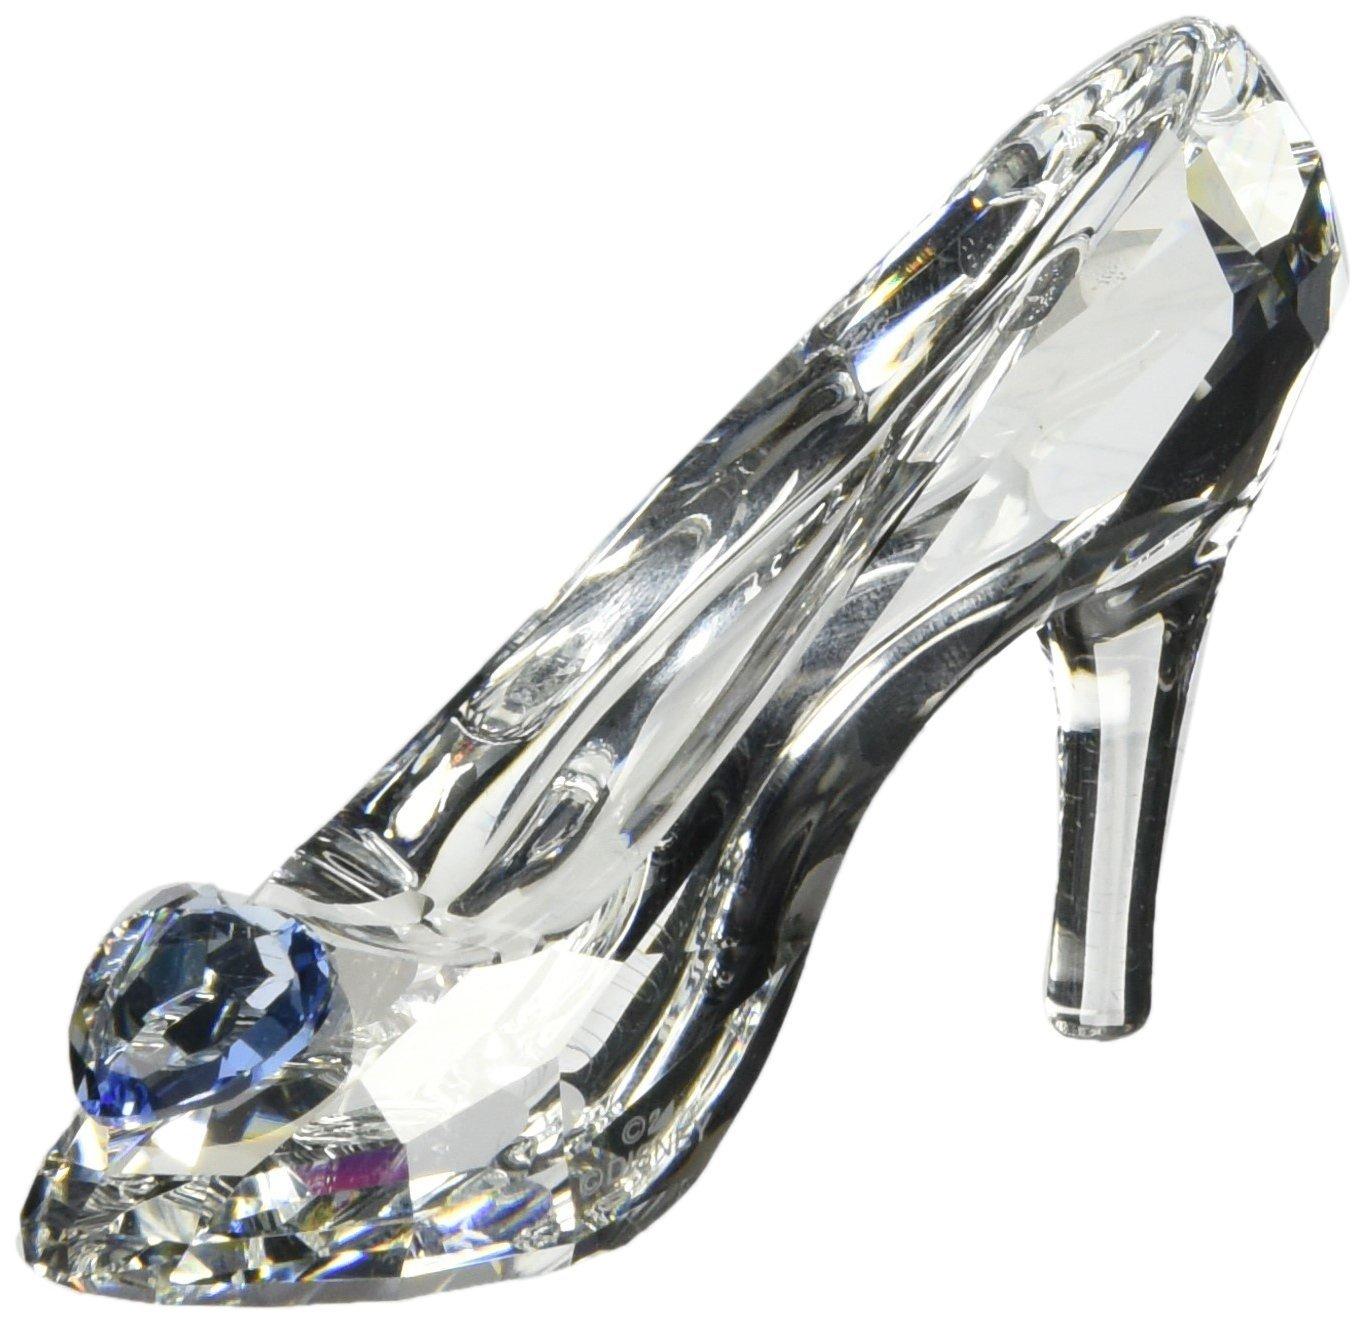 Amazon.com: Swarovski 5035515 Cinderella\'s Slipper Crystal Figurine ...